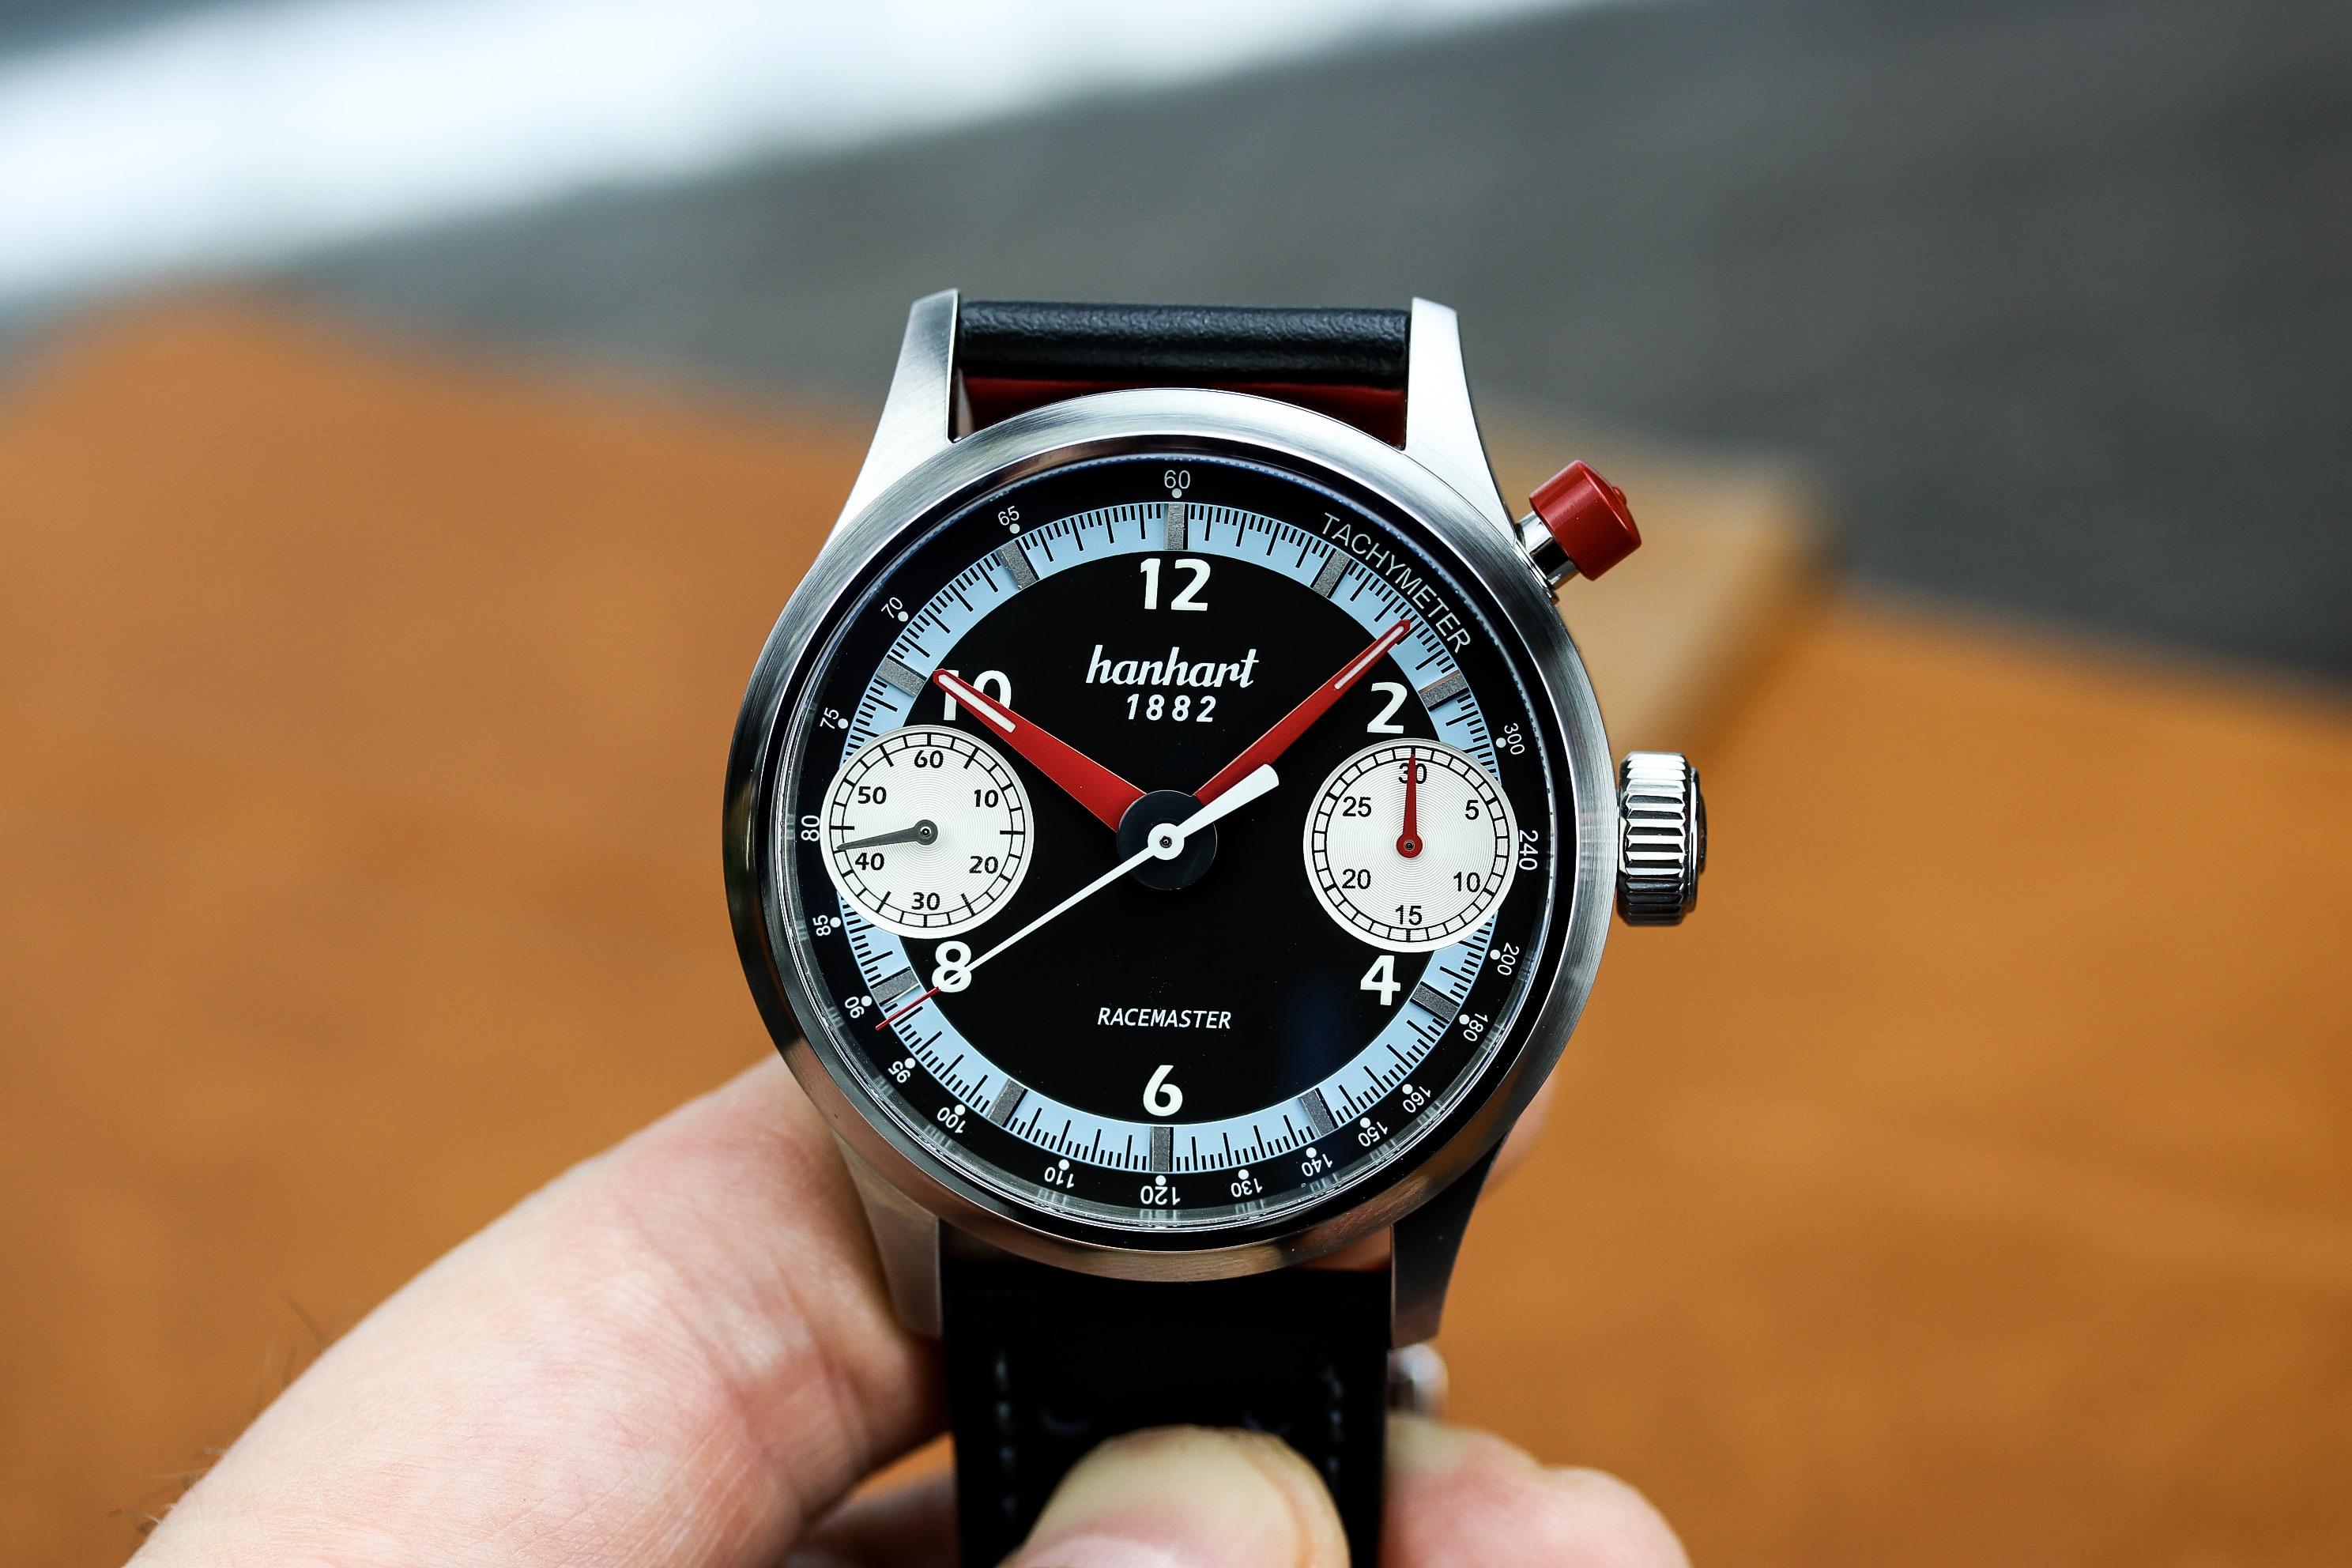 Hanhart Racemaster GTM